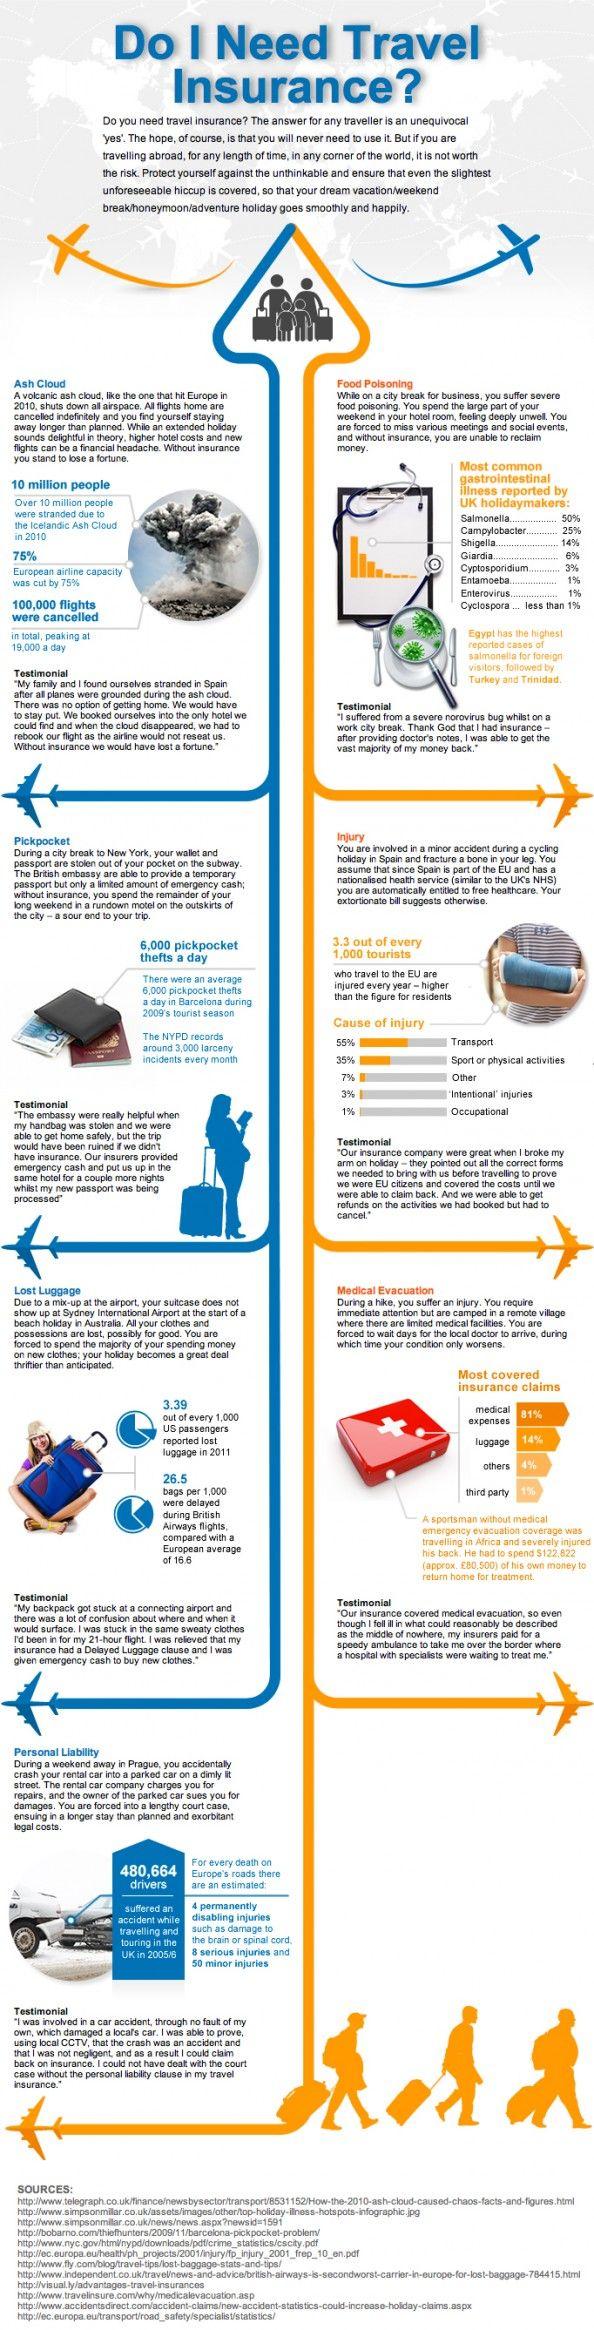 Do I Really Need Travel Insurance? Infographic